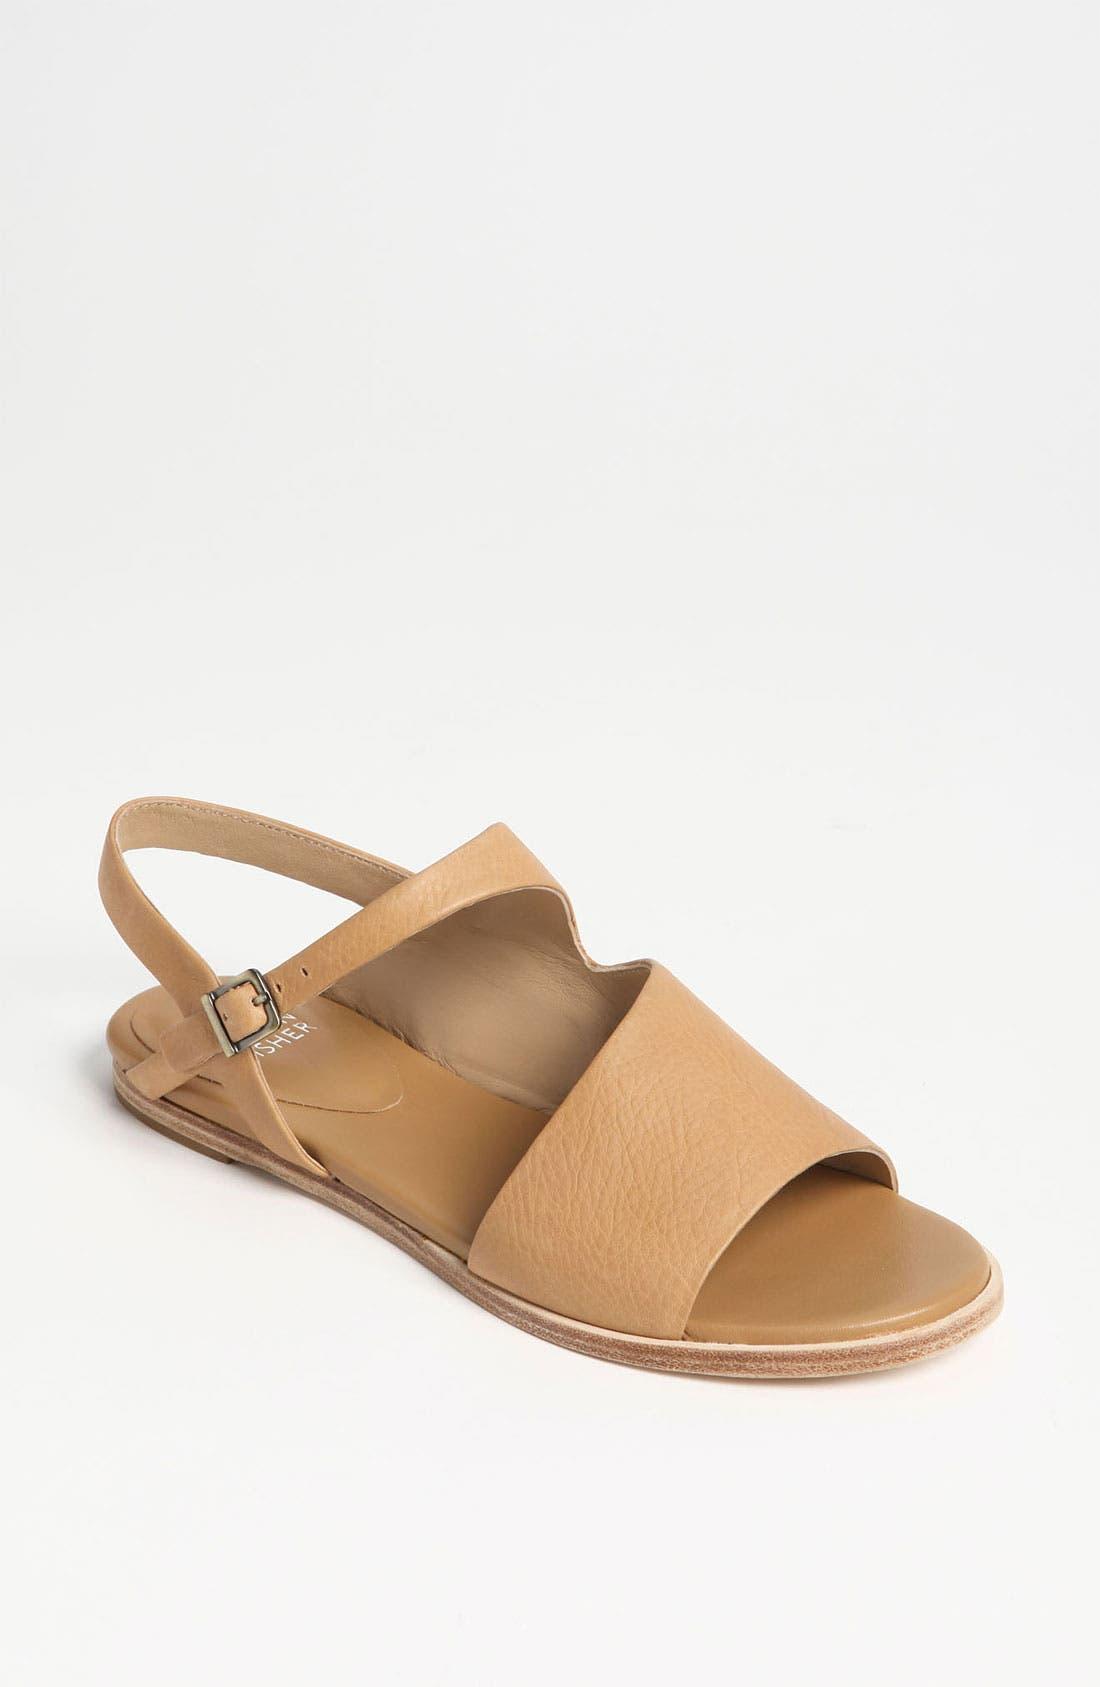 Main Image - Eileen Fisher 'Veer' Sandal